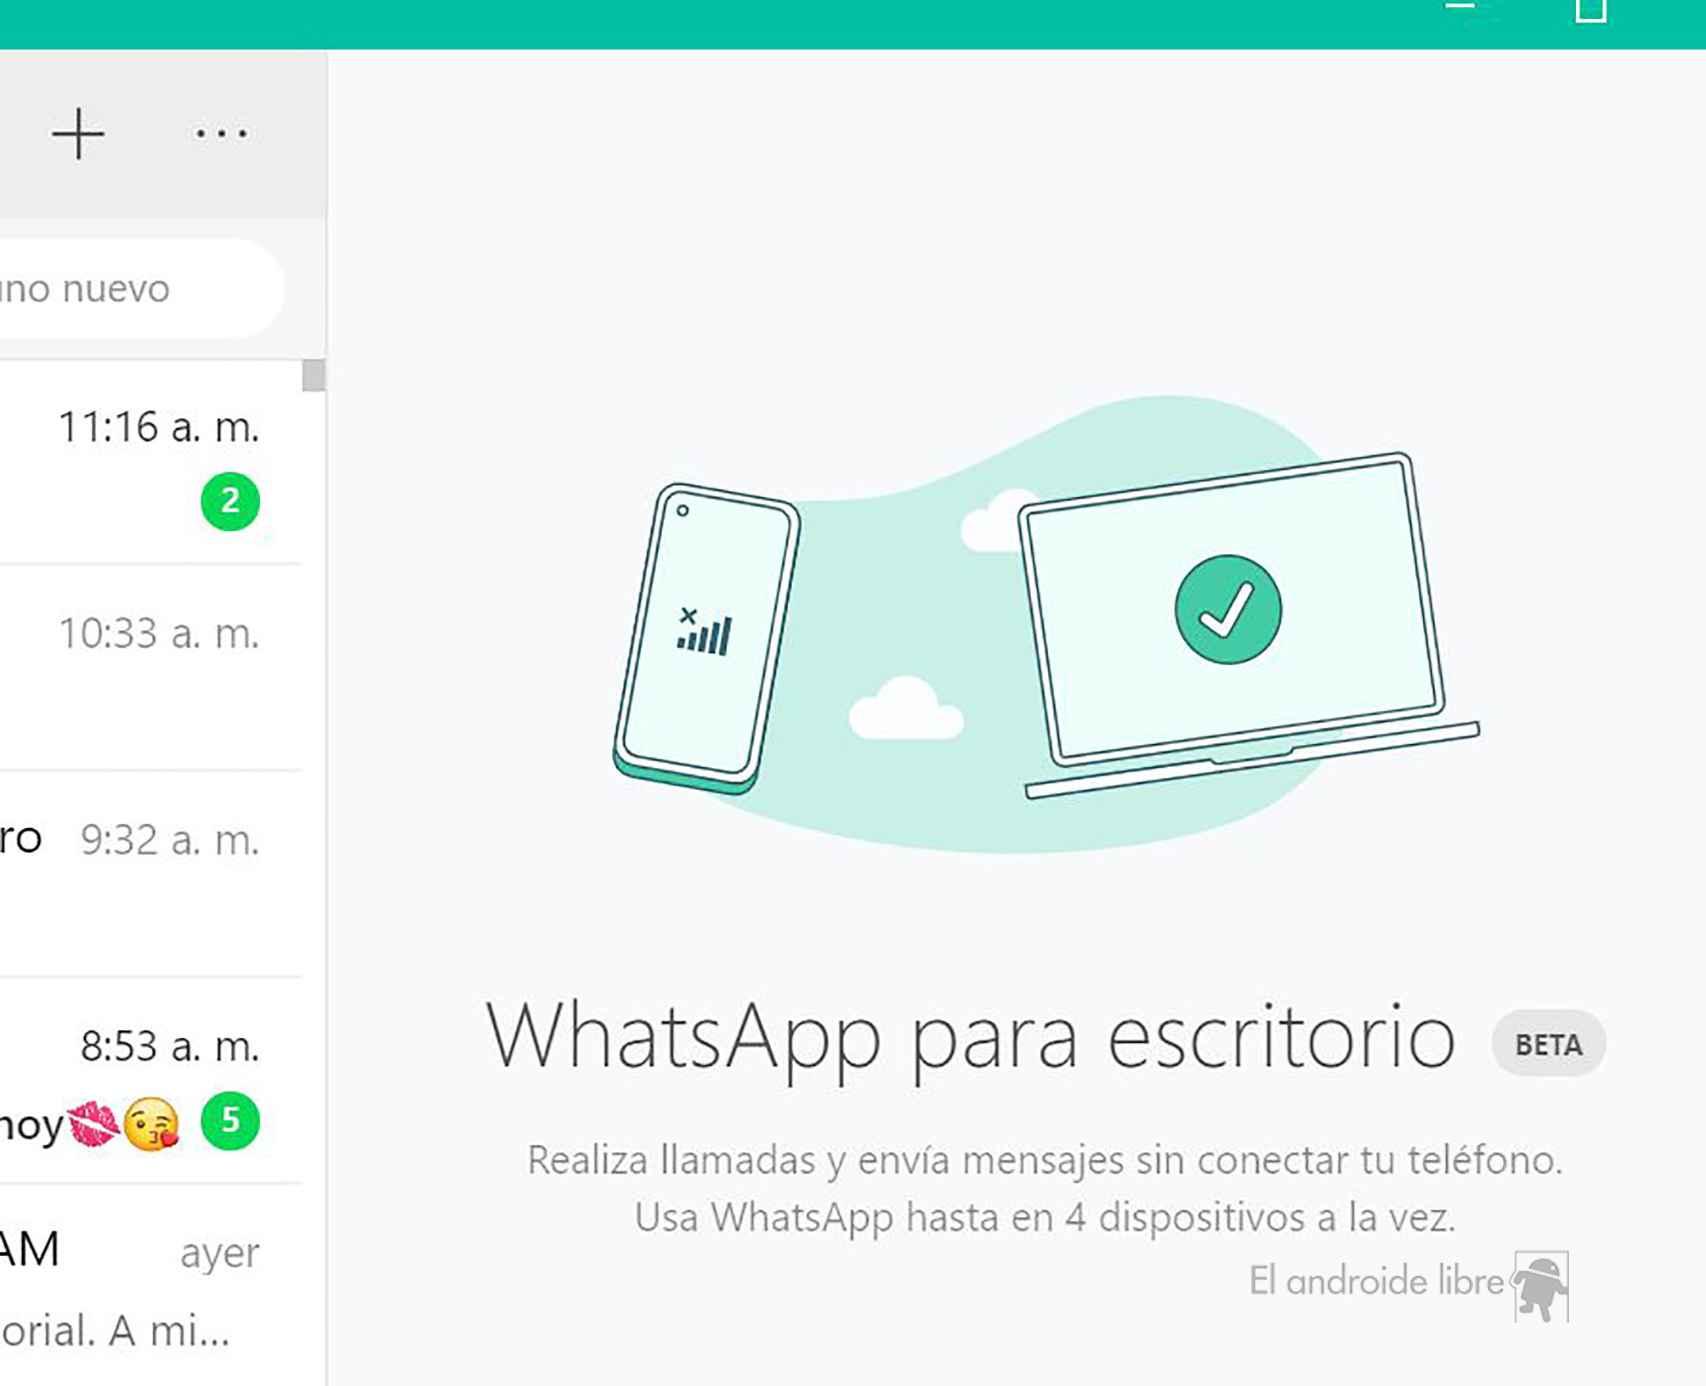 WhatsApp para escritorio beta